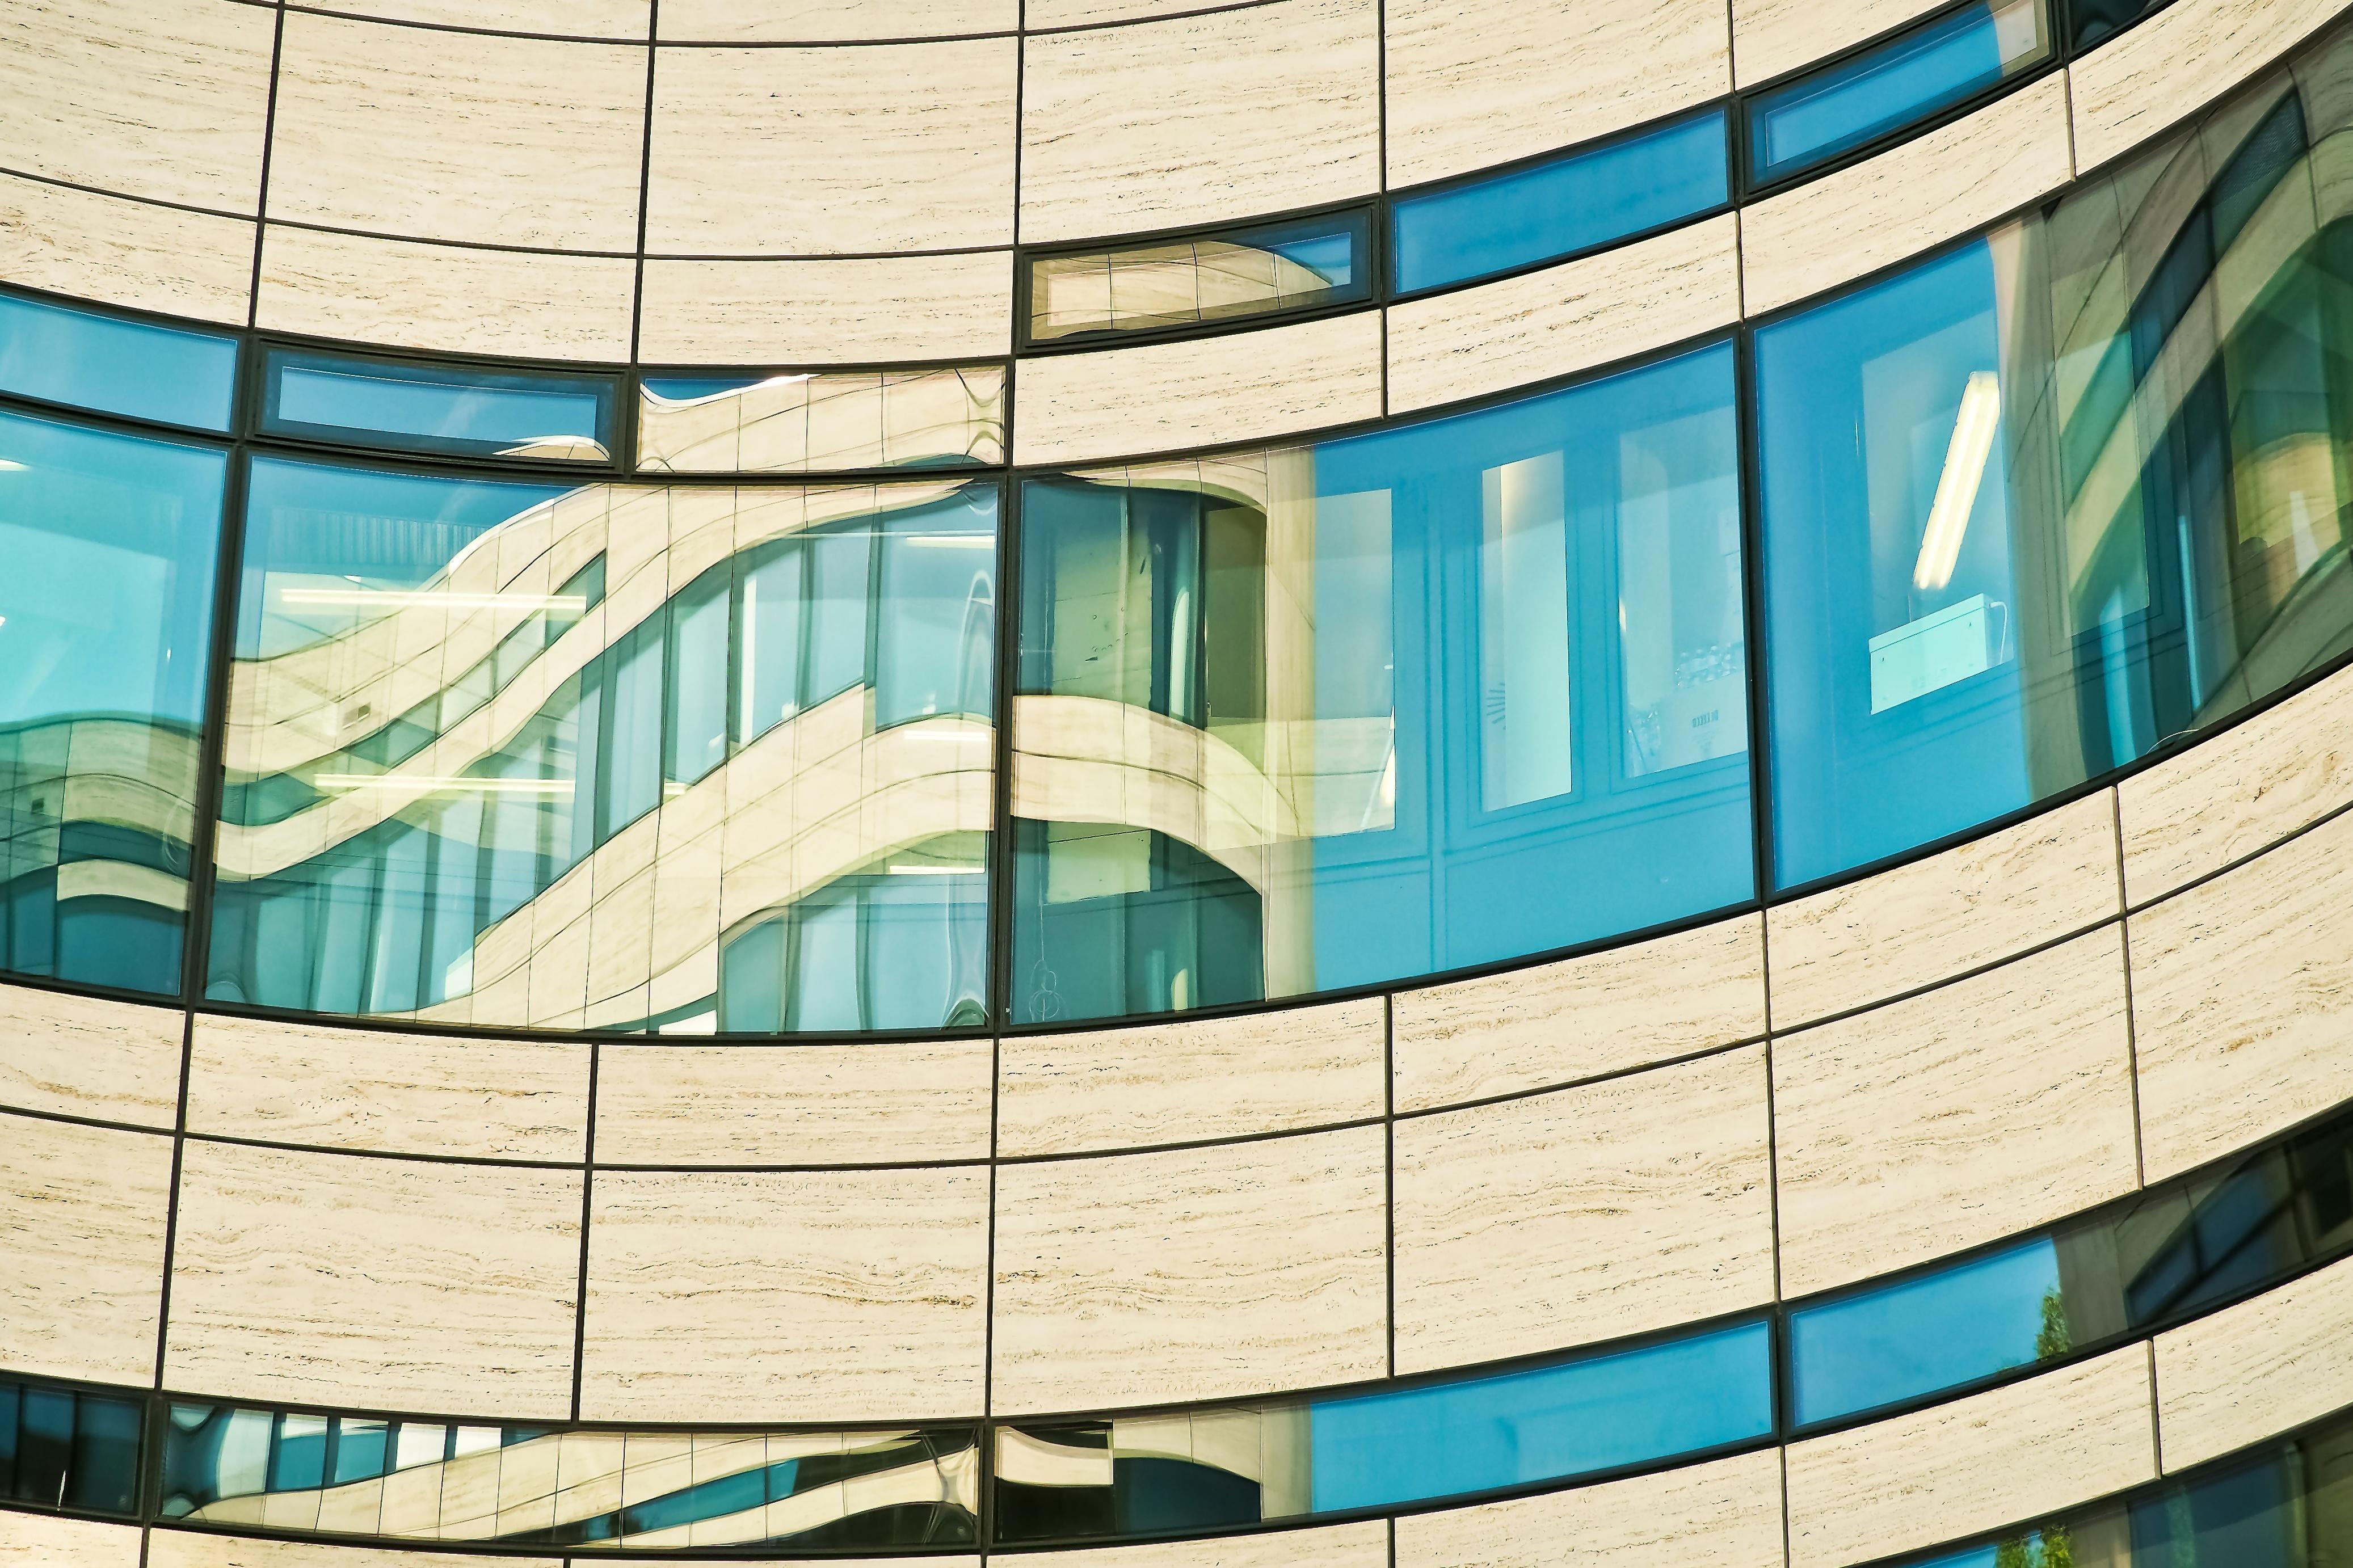 Image libre moderne b timent fen tre futuriste for Architecture geometrique